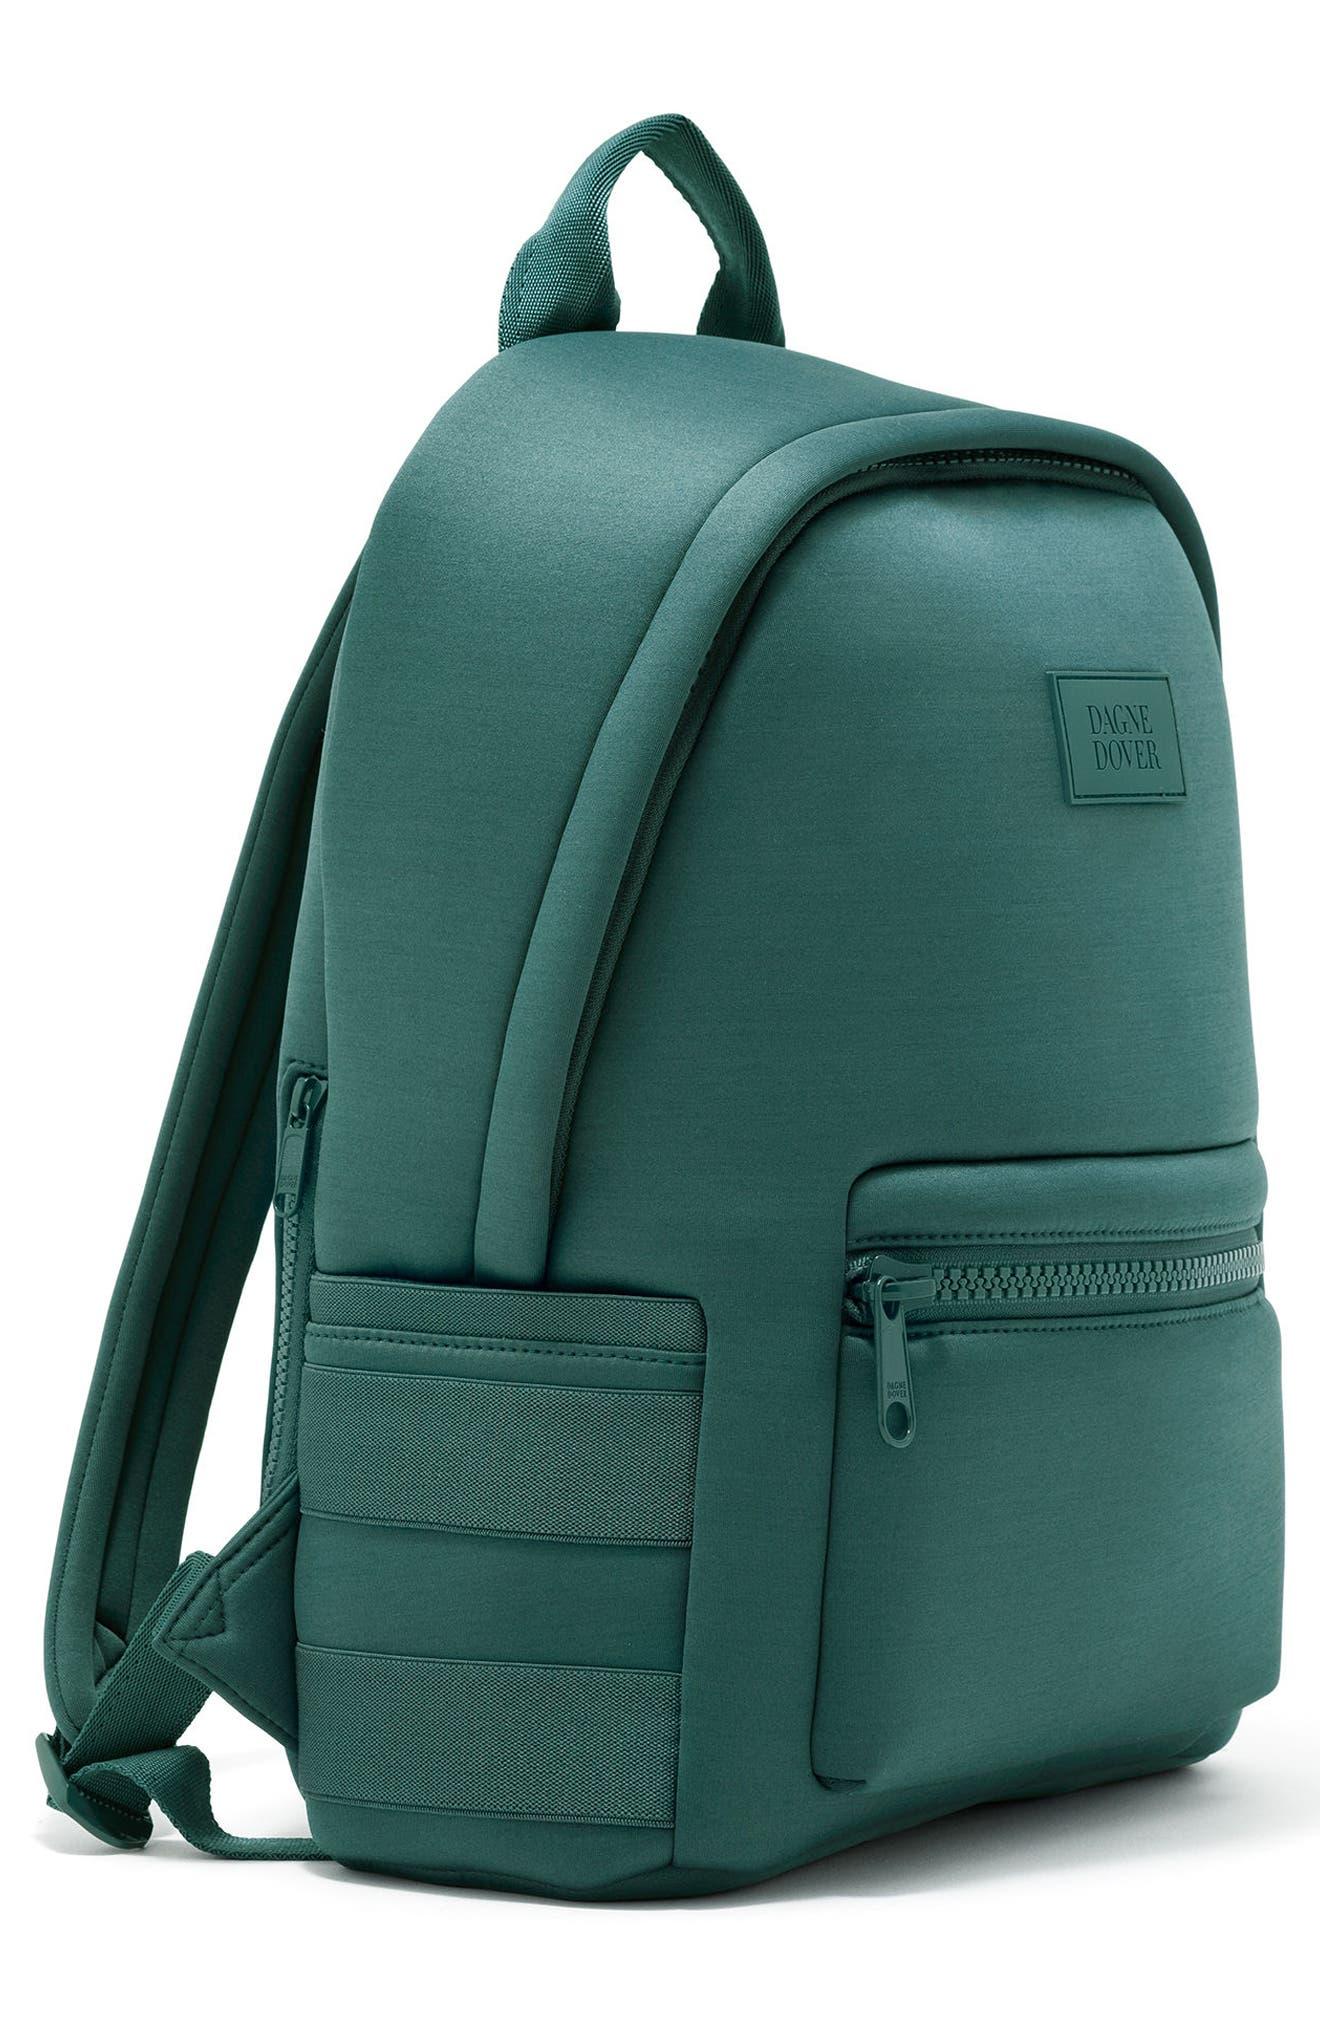 365 Dakota Neoprene Backpack,                             Alternate thumbnail 44, color,